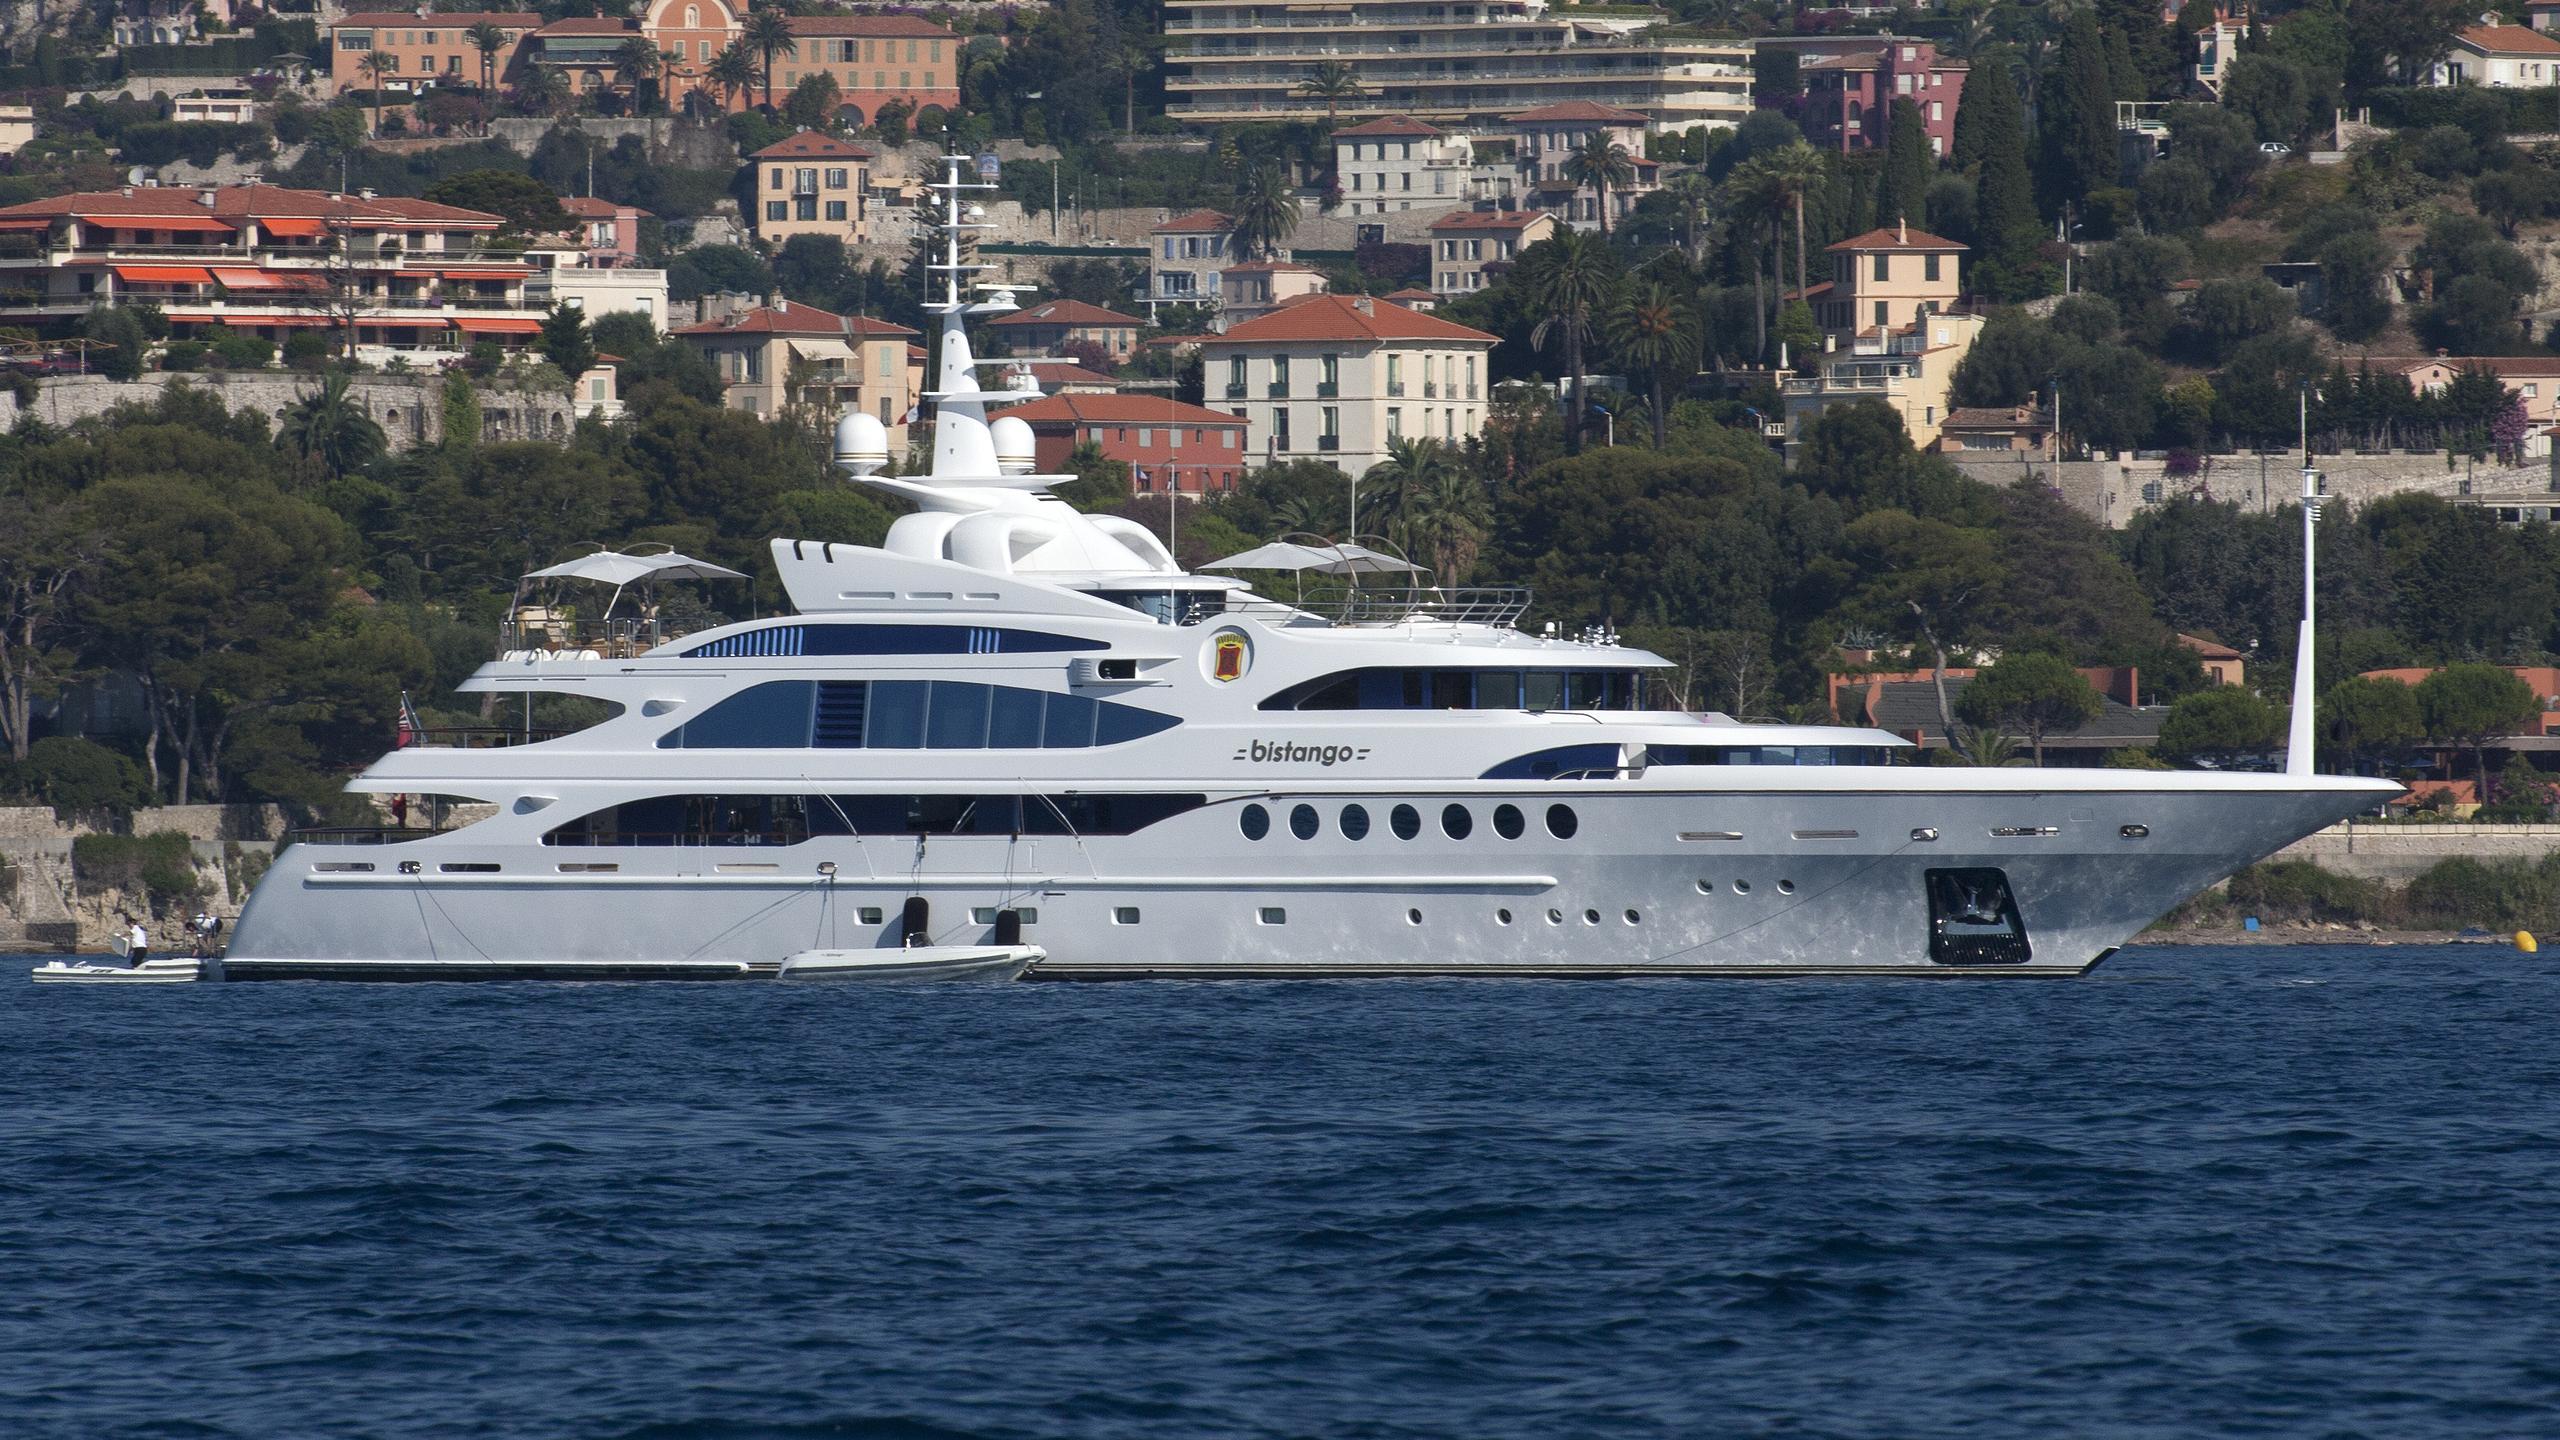 bistango-yacht-exterior